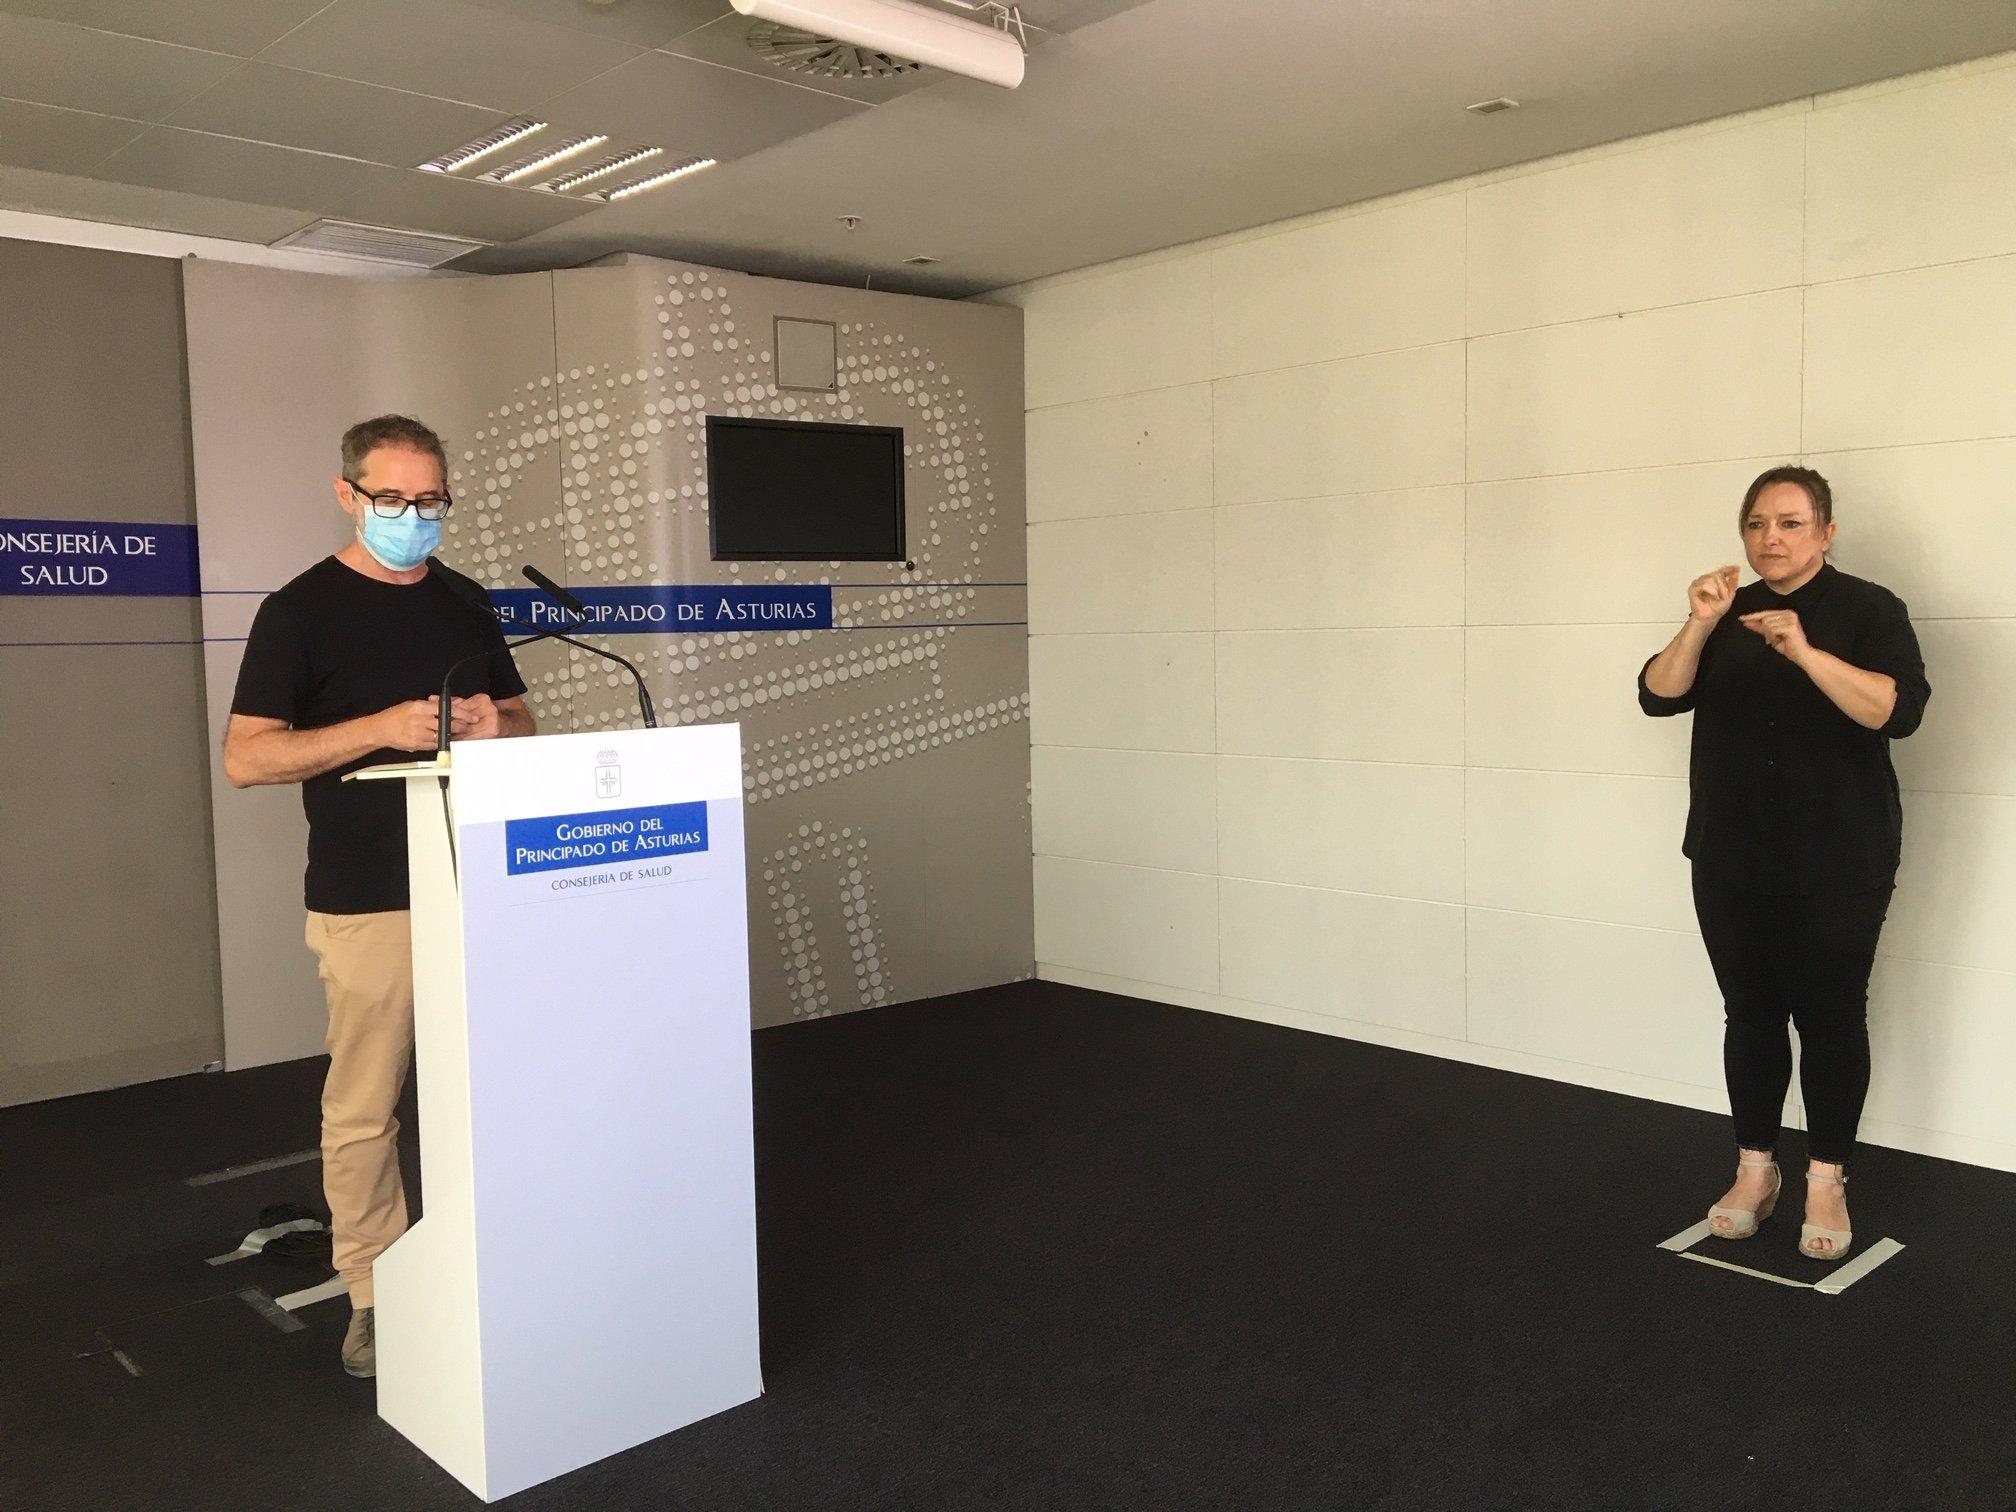 Salud notifica 26 positivos y confirma dos brotes por coronavirus en un local de ocio de Gijón y una empresa de Siero